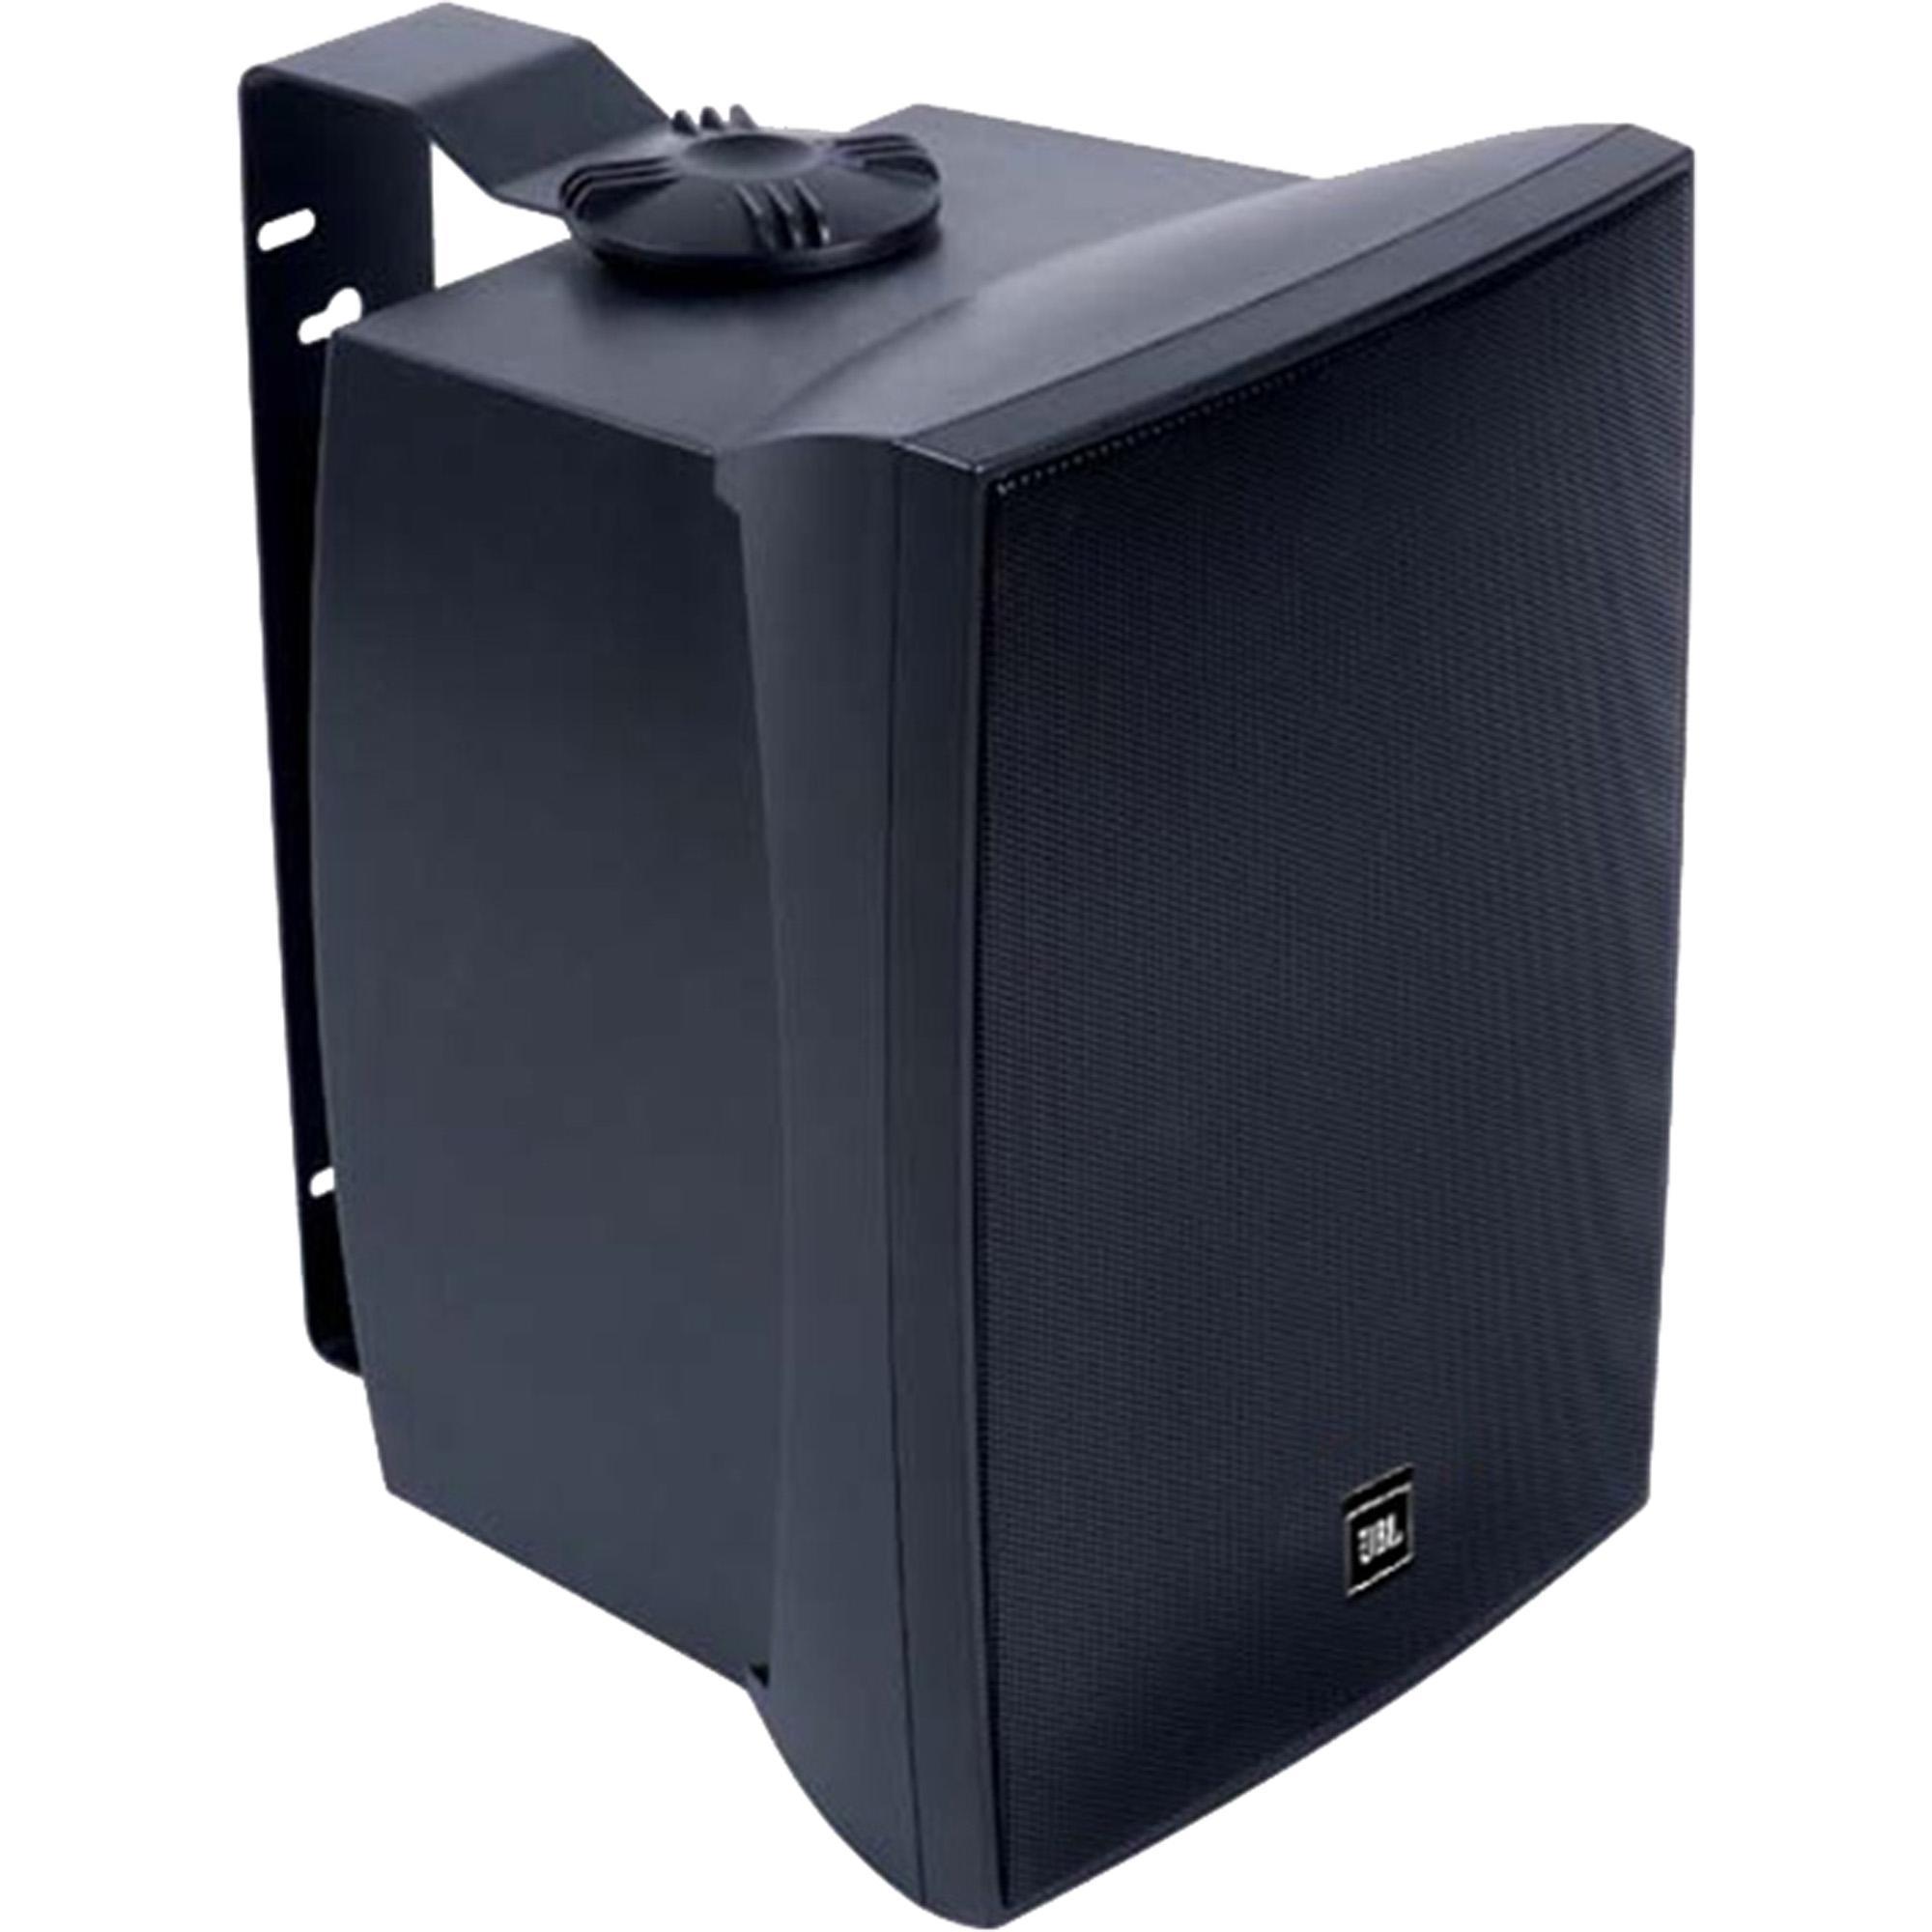 Par de Caixa Acústica Som Ambiente 50W C621P Preto JBL - PAR